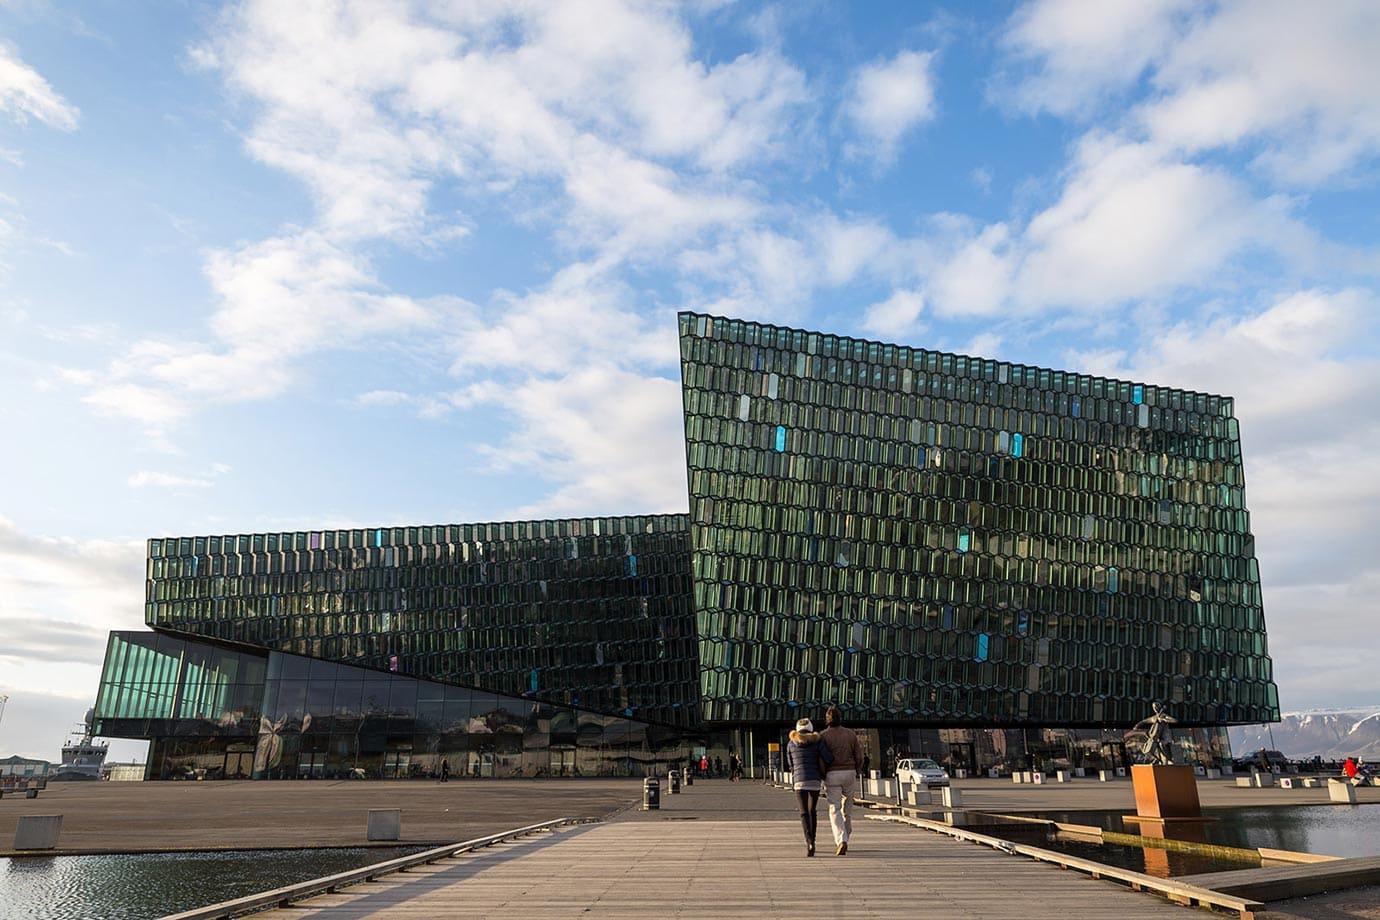 Harpa building, Reykjavik